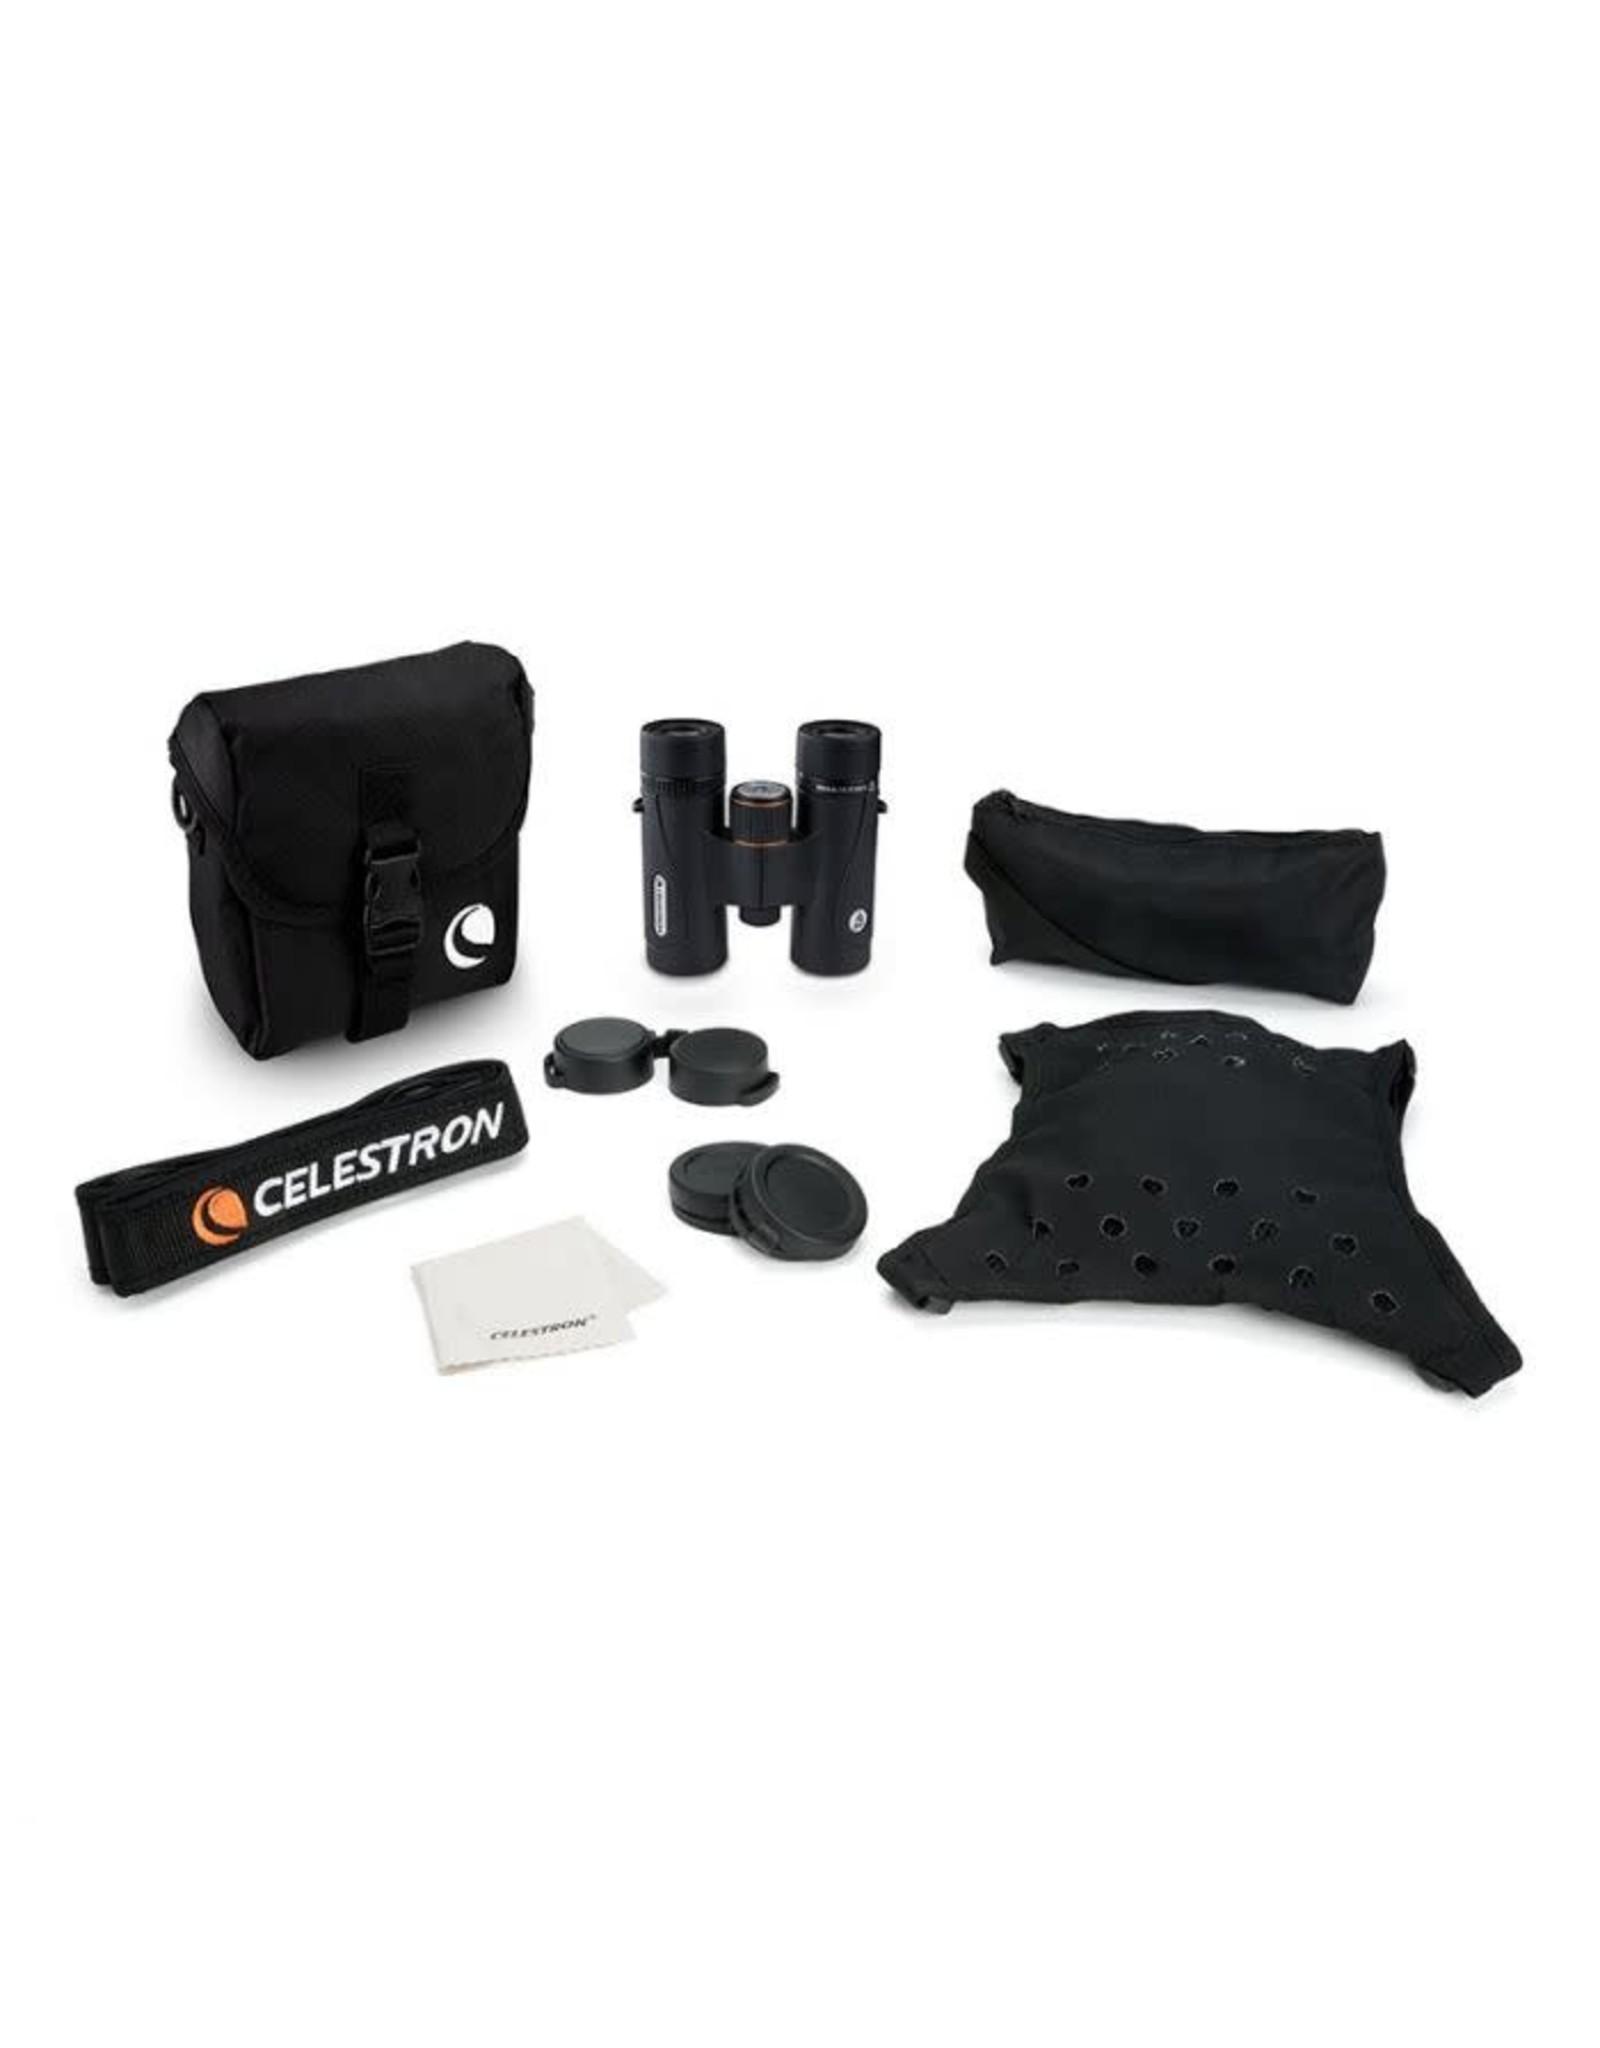 Celestron Celestron 10x32 TrailSeeker ED Binoculars